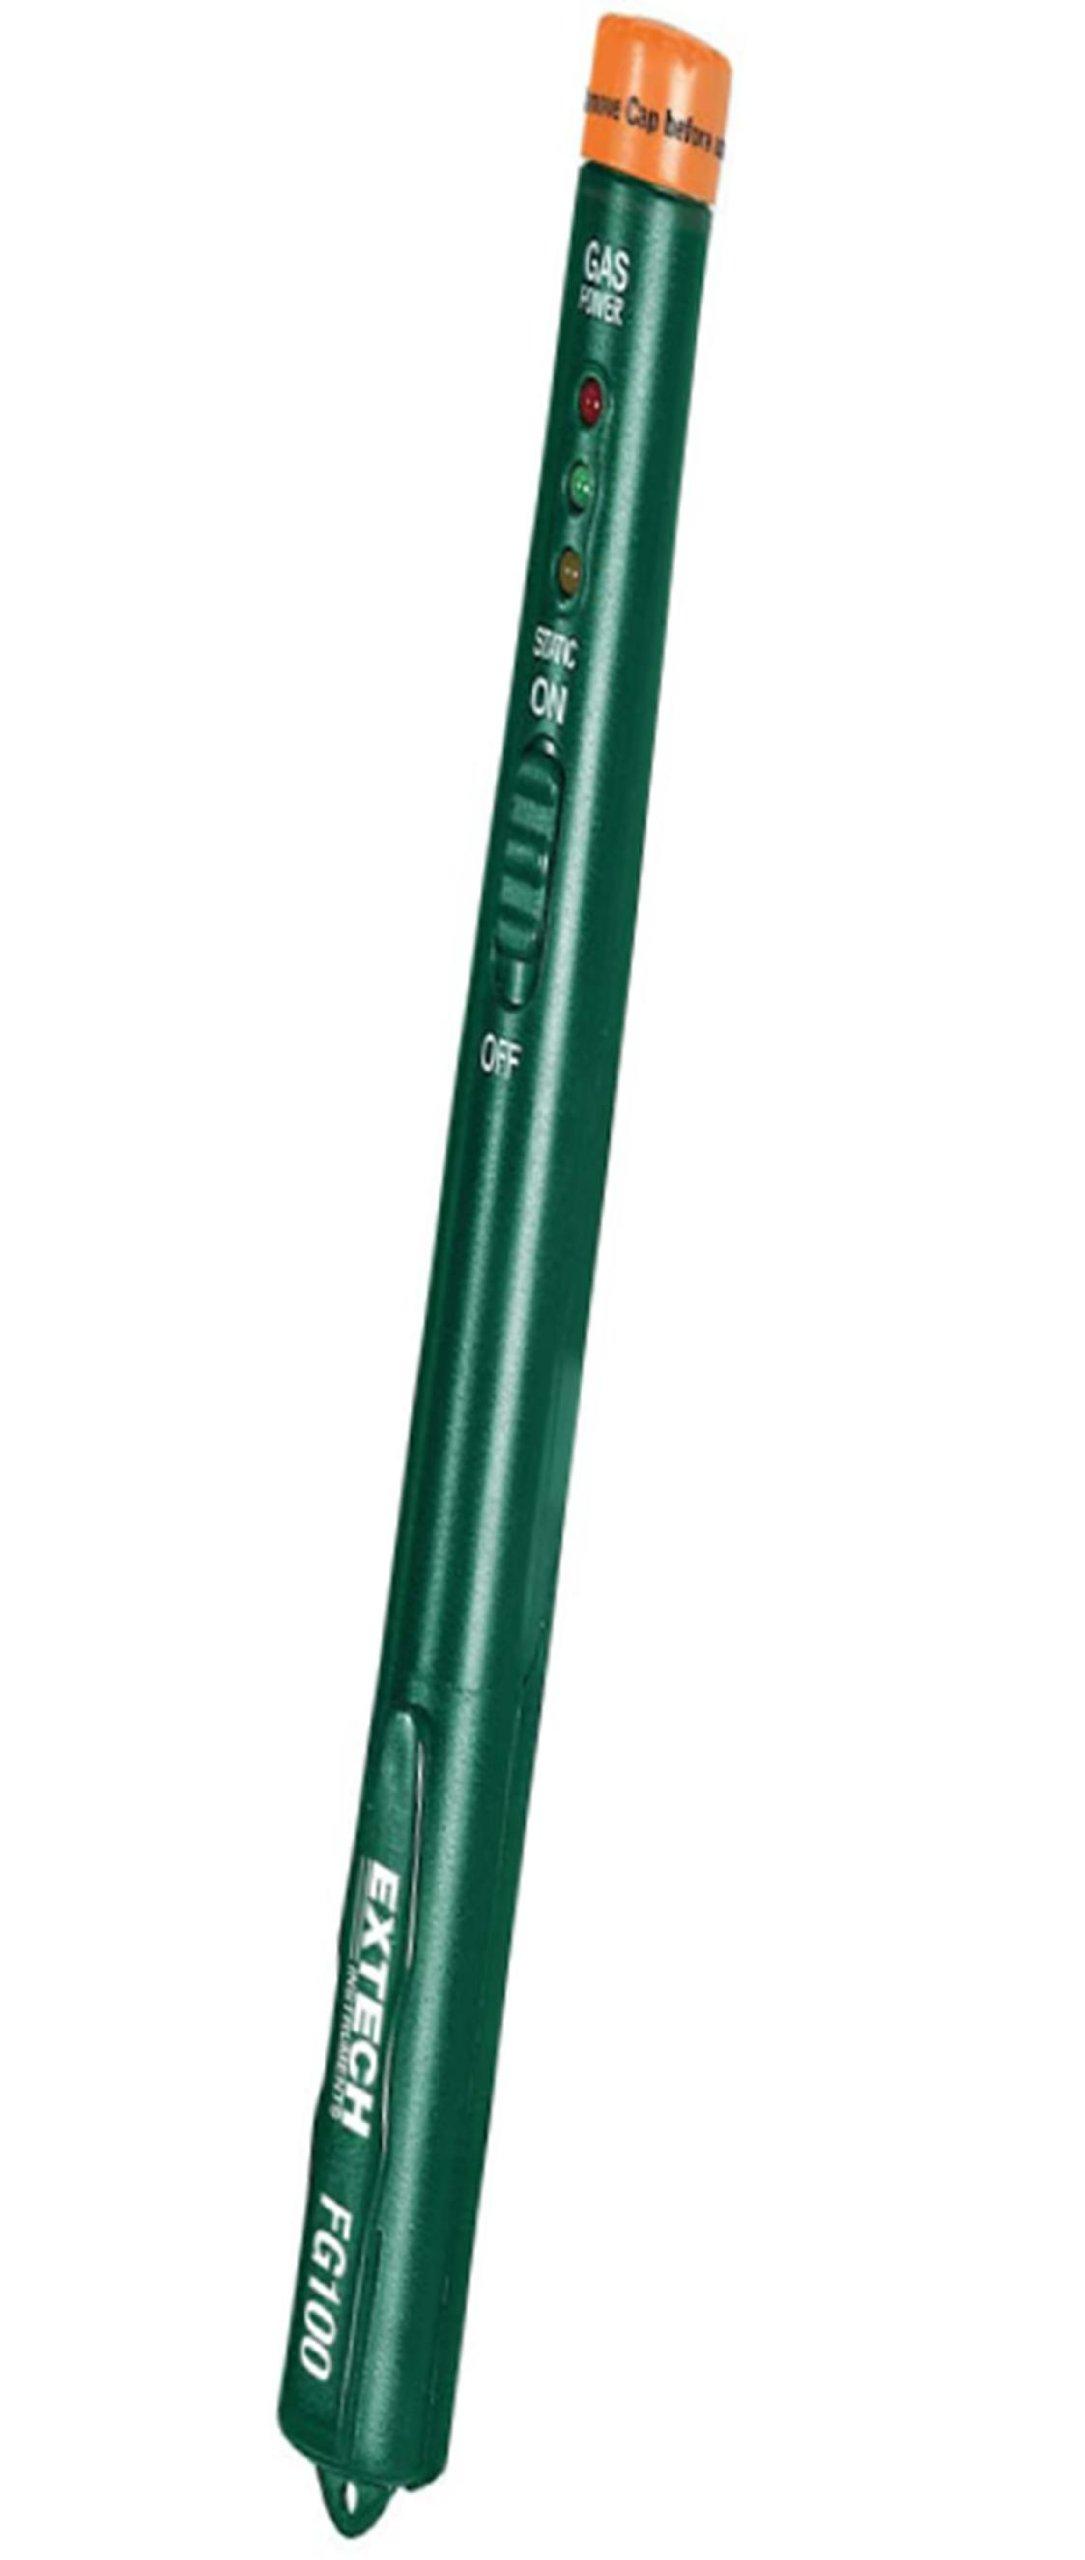 Extech FG100 Combustible Gas Leak Detector